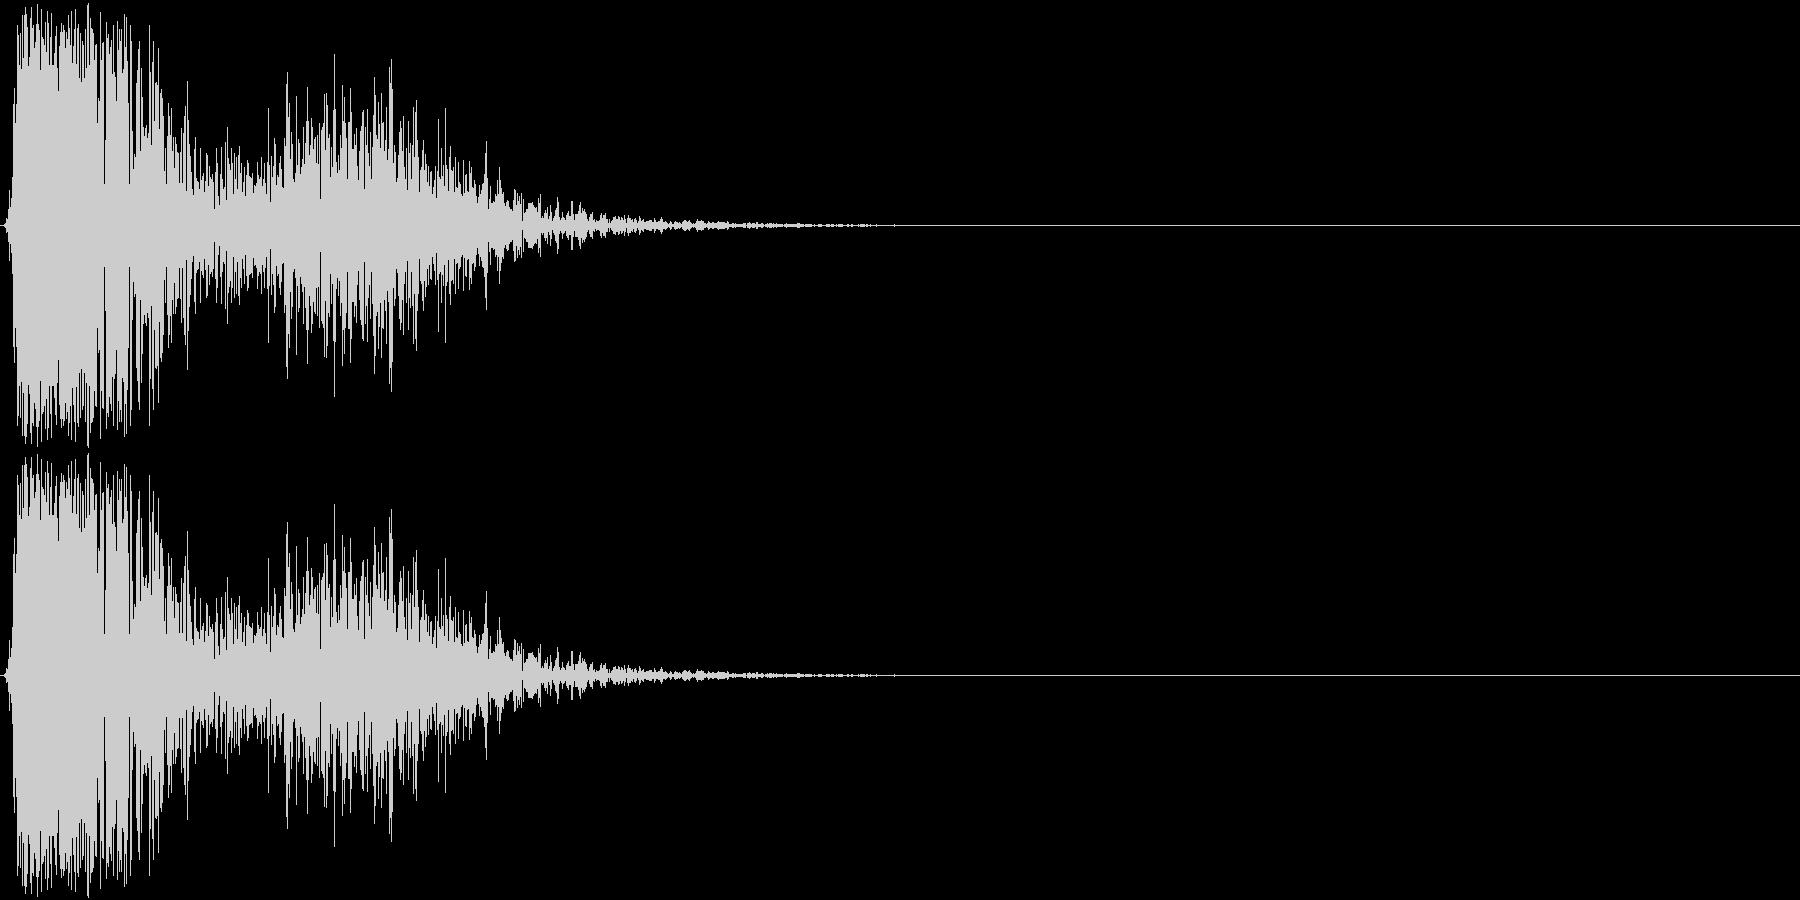 KAKUGE 格闘ゲーム戦闘音 53の未再生の波形